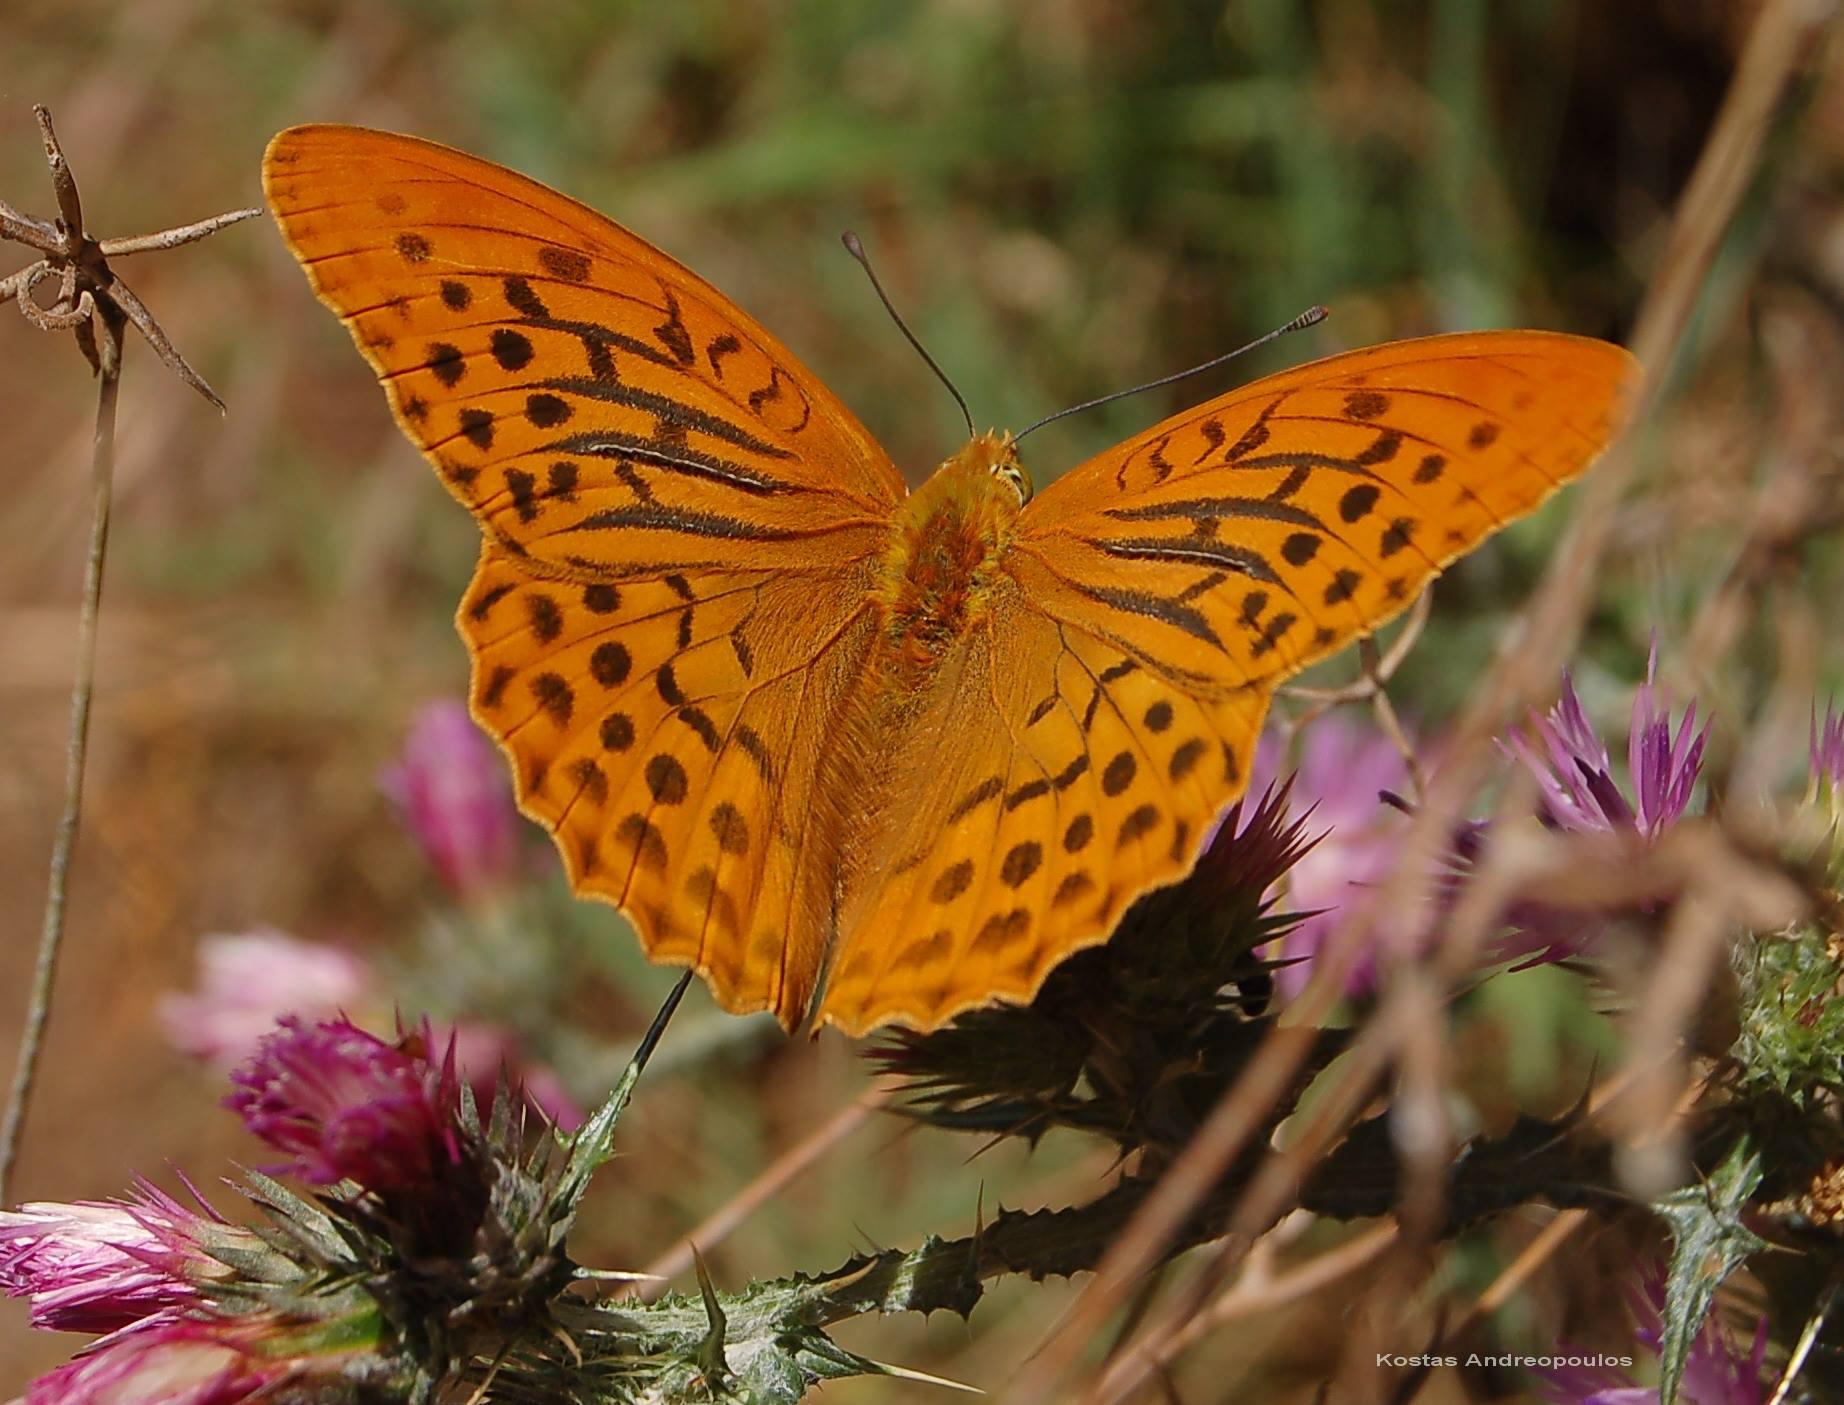 Οι φανταστικές πεταλούδες της ορεινής Ναυπακτίας   AgrinioPress